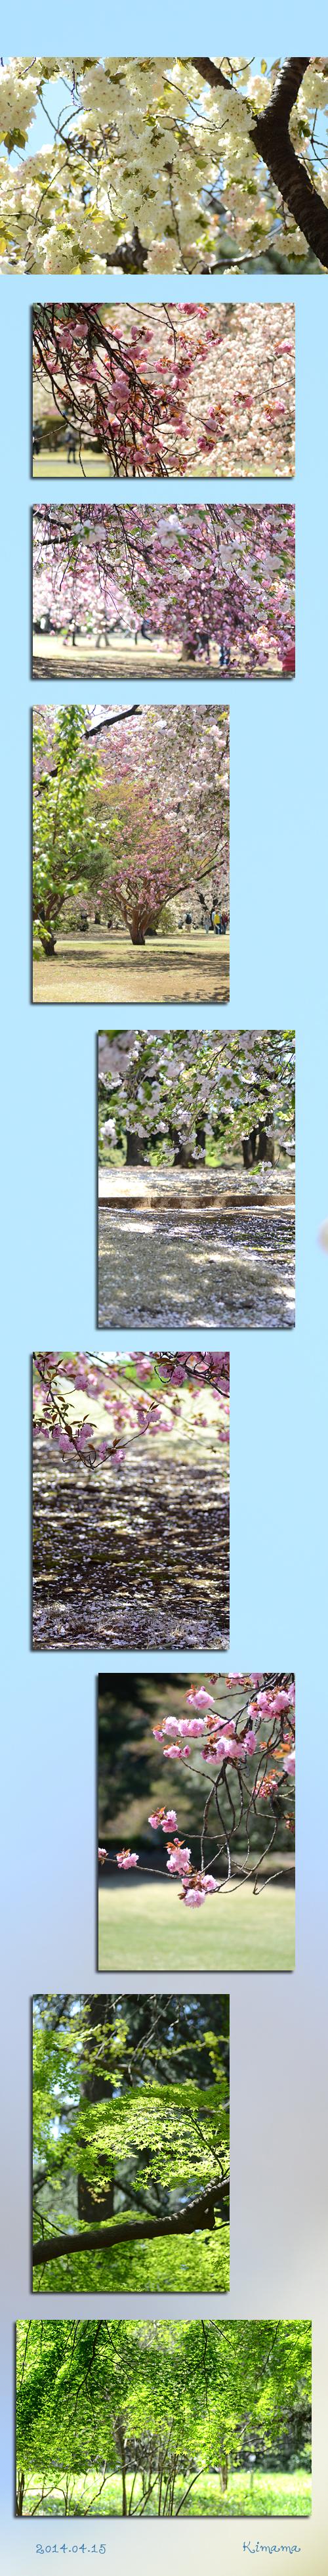 4月15日八重桜2